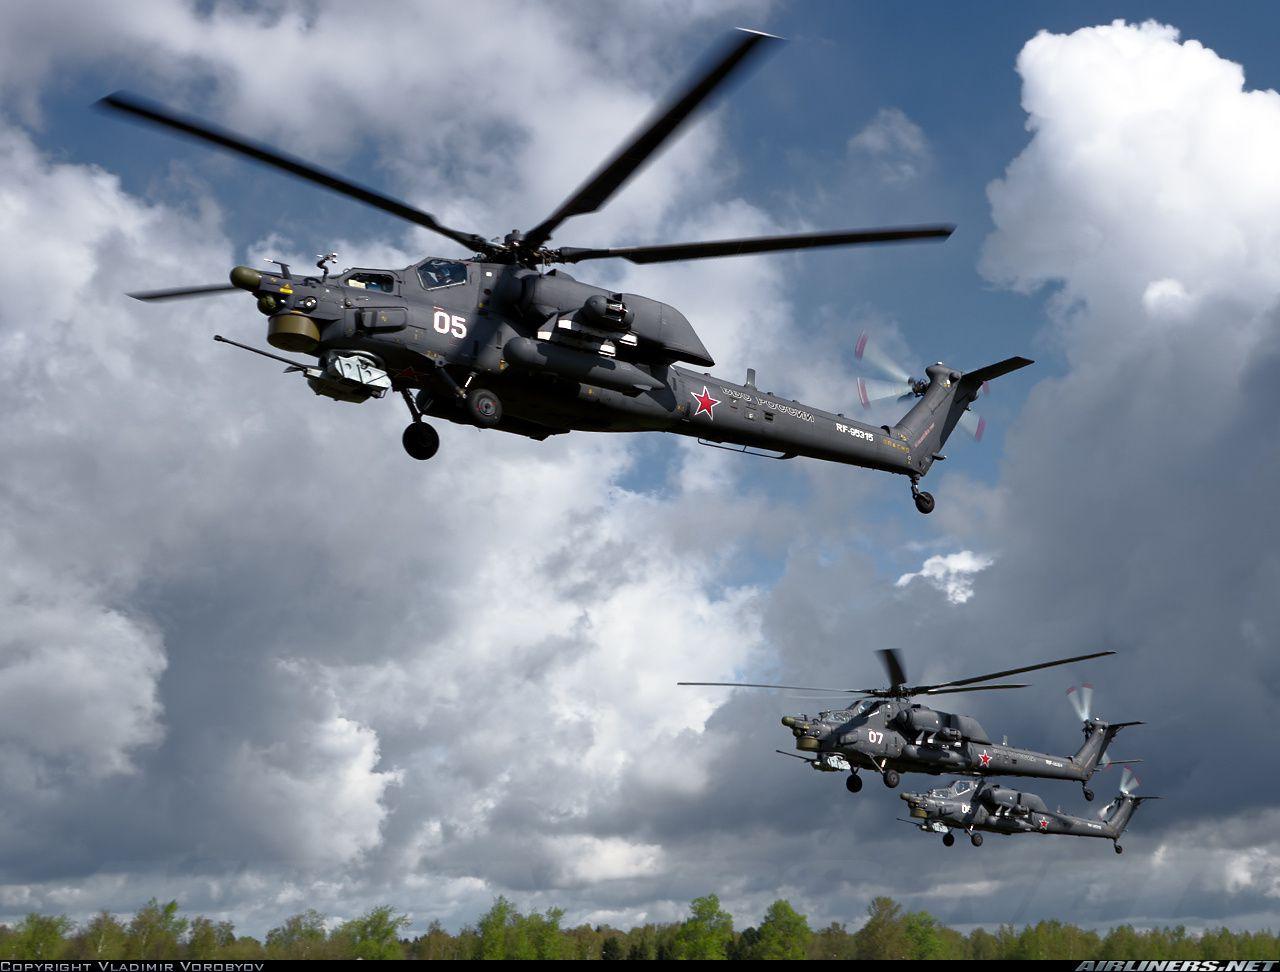 Des hélicoptères Mil Mi-24 et Mi-28 supplémentaires reçus par l'Irak